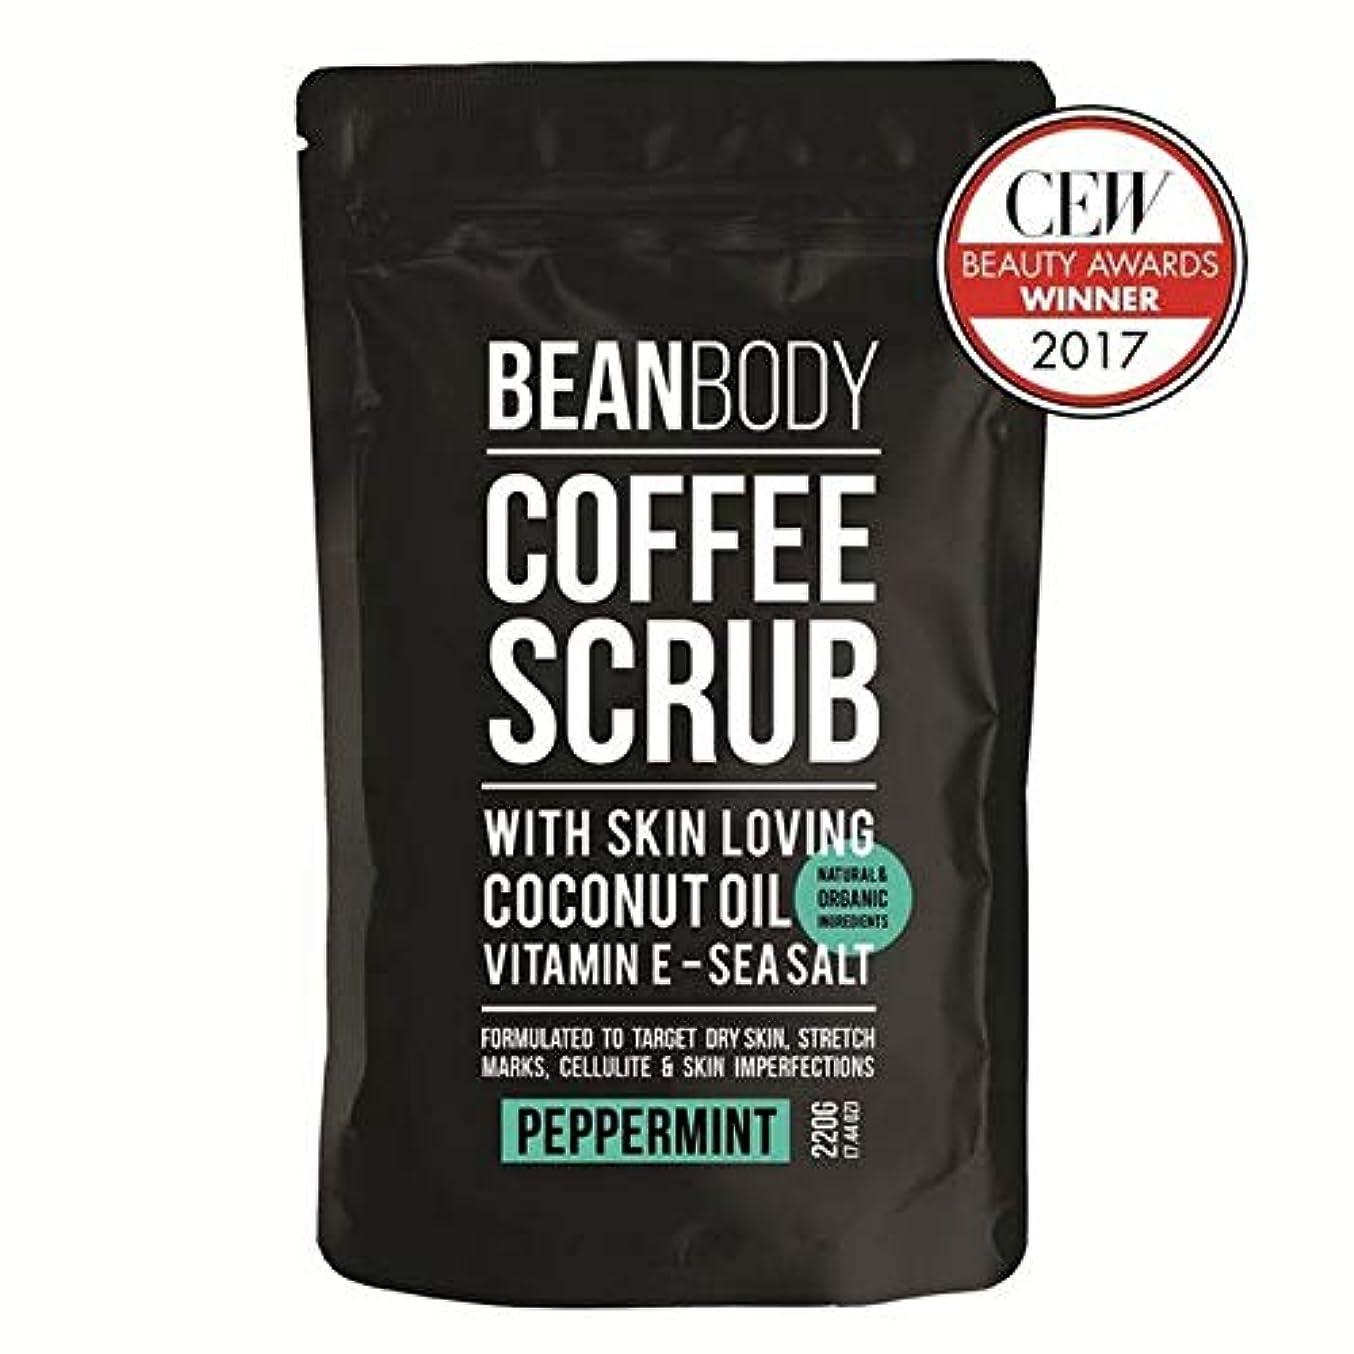 野な開発腸[Bean Body ] 豆のボディコーヒースクラブ、ペパーミント220グラム - Bean Body Coffee Scrub, Peppermint 220g [並行輸入品]